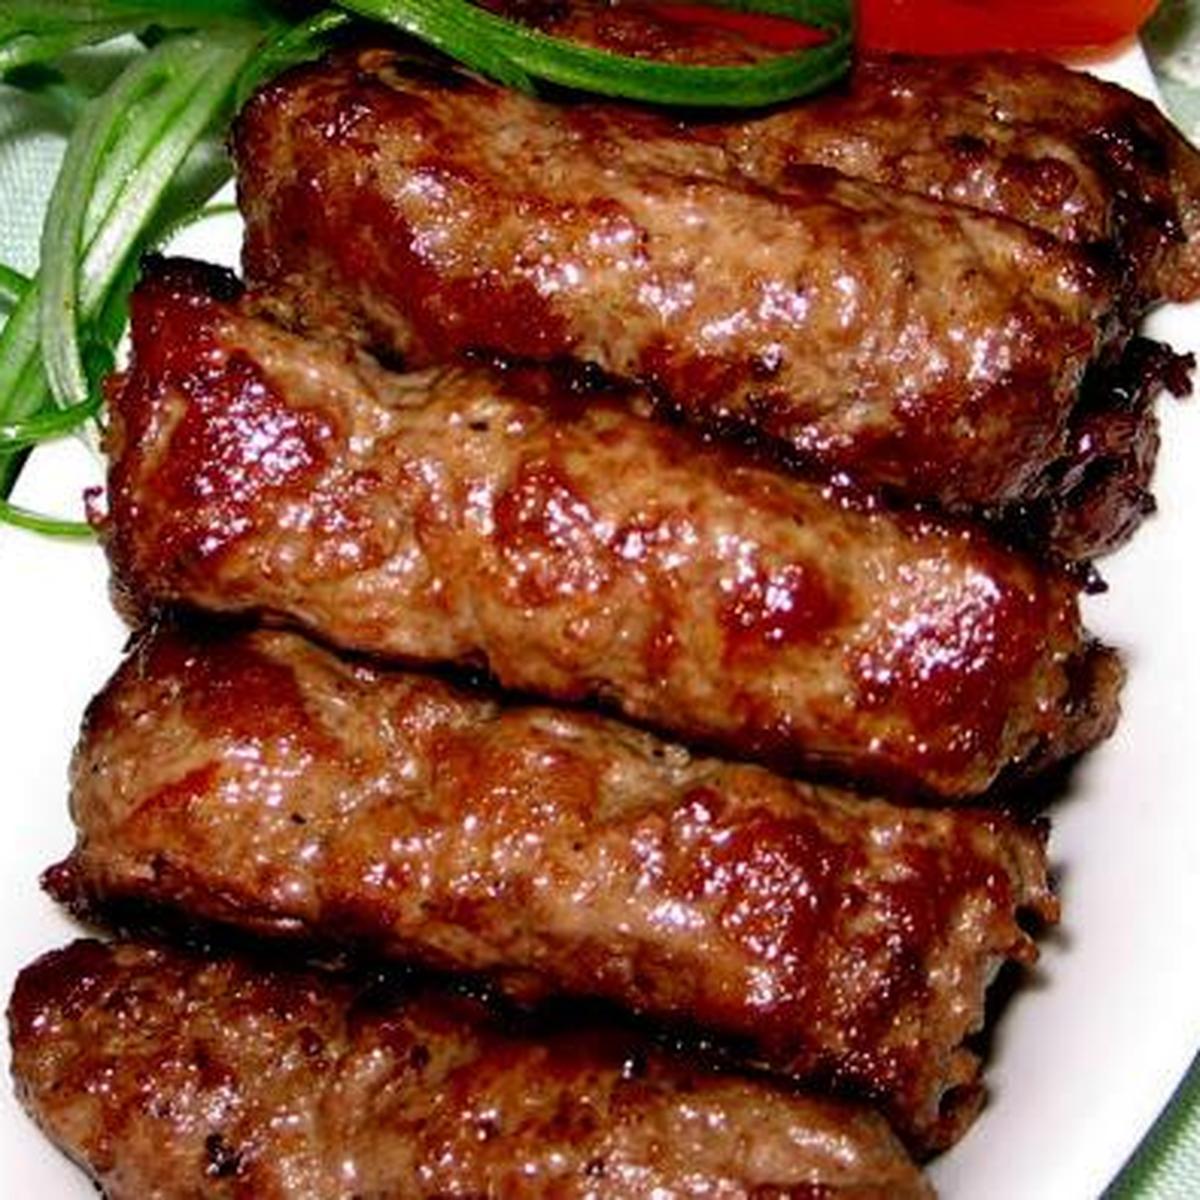 Mititei Spicy Garlicky Grilled Sausages